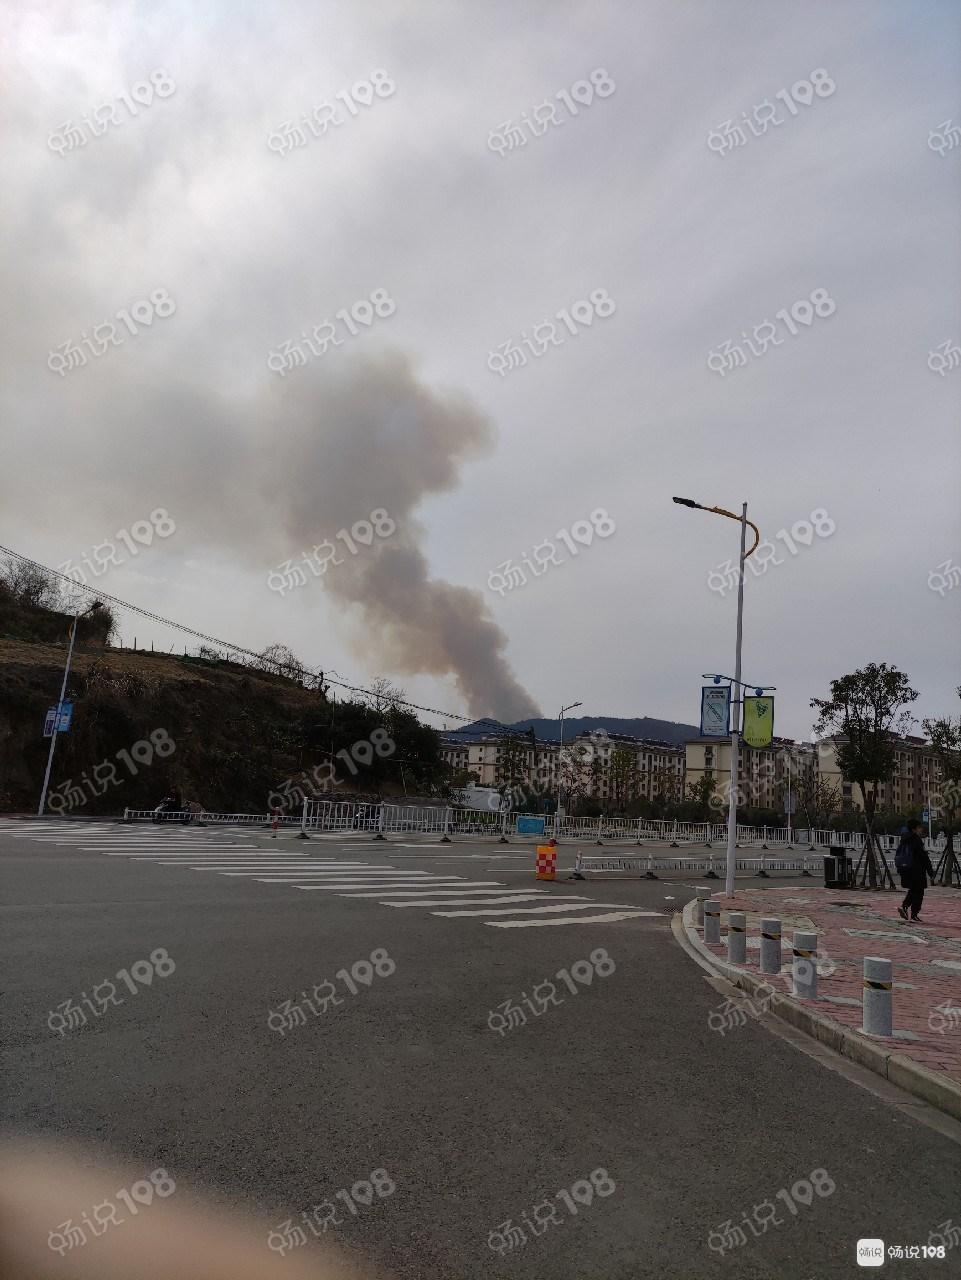 急人!定海白泉镇山上着火了,远处看一大片火焰